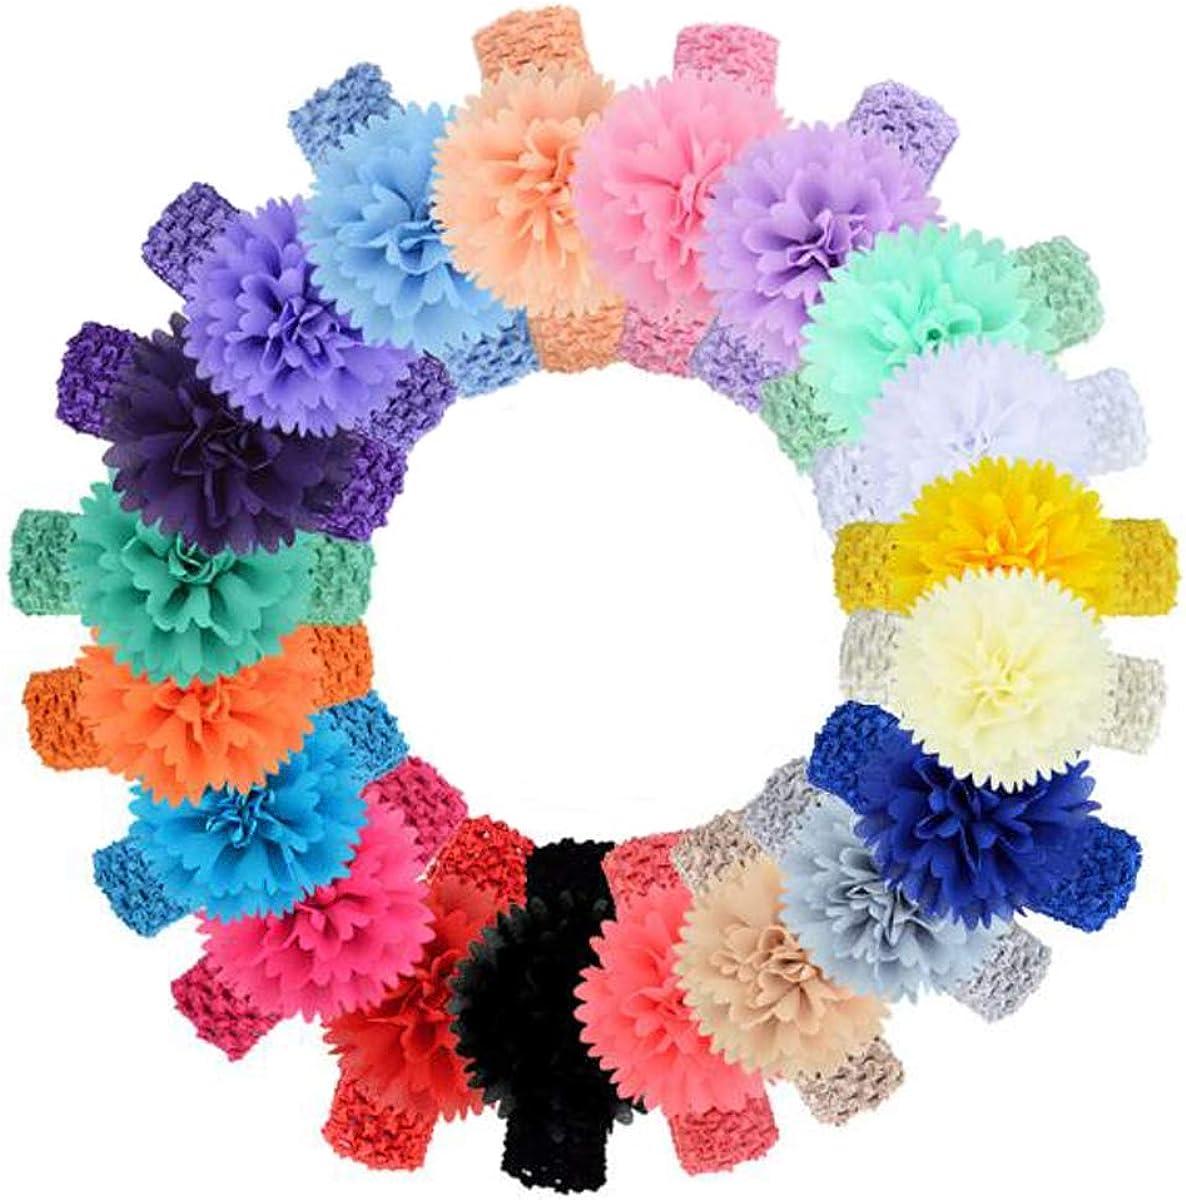 Ewanda store 15 Pcs Baby Girls Chiffon Headbands Peony Flower Baby Headband Baby Hair Accessories for Newborn Toddler Infants Girls